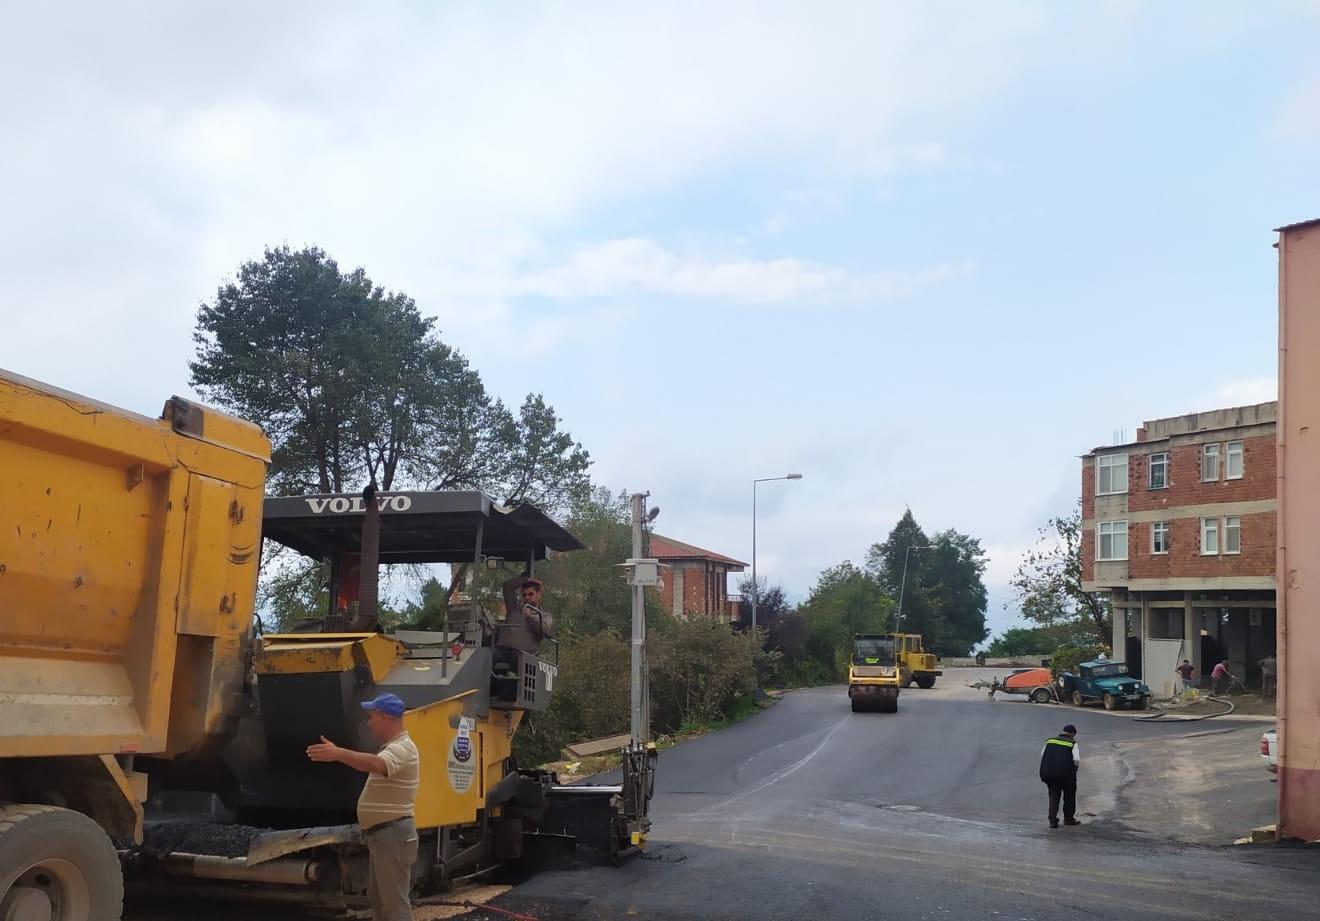 ÇAMAŞ'IN KALBİNE SICAK ASFALT!